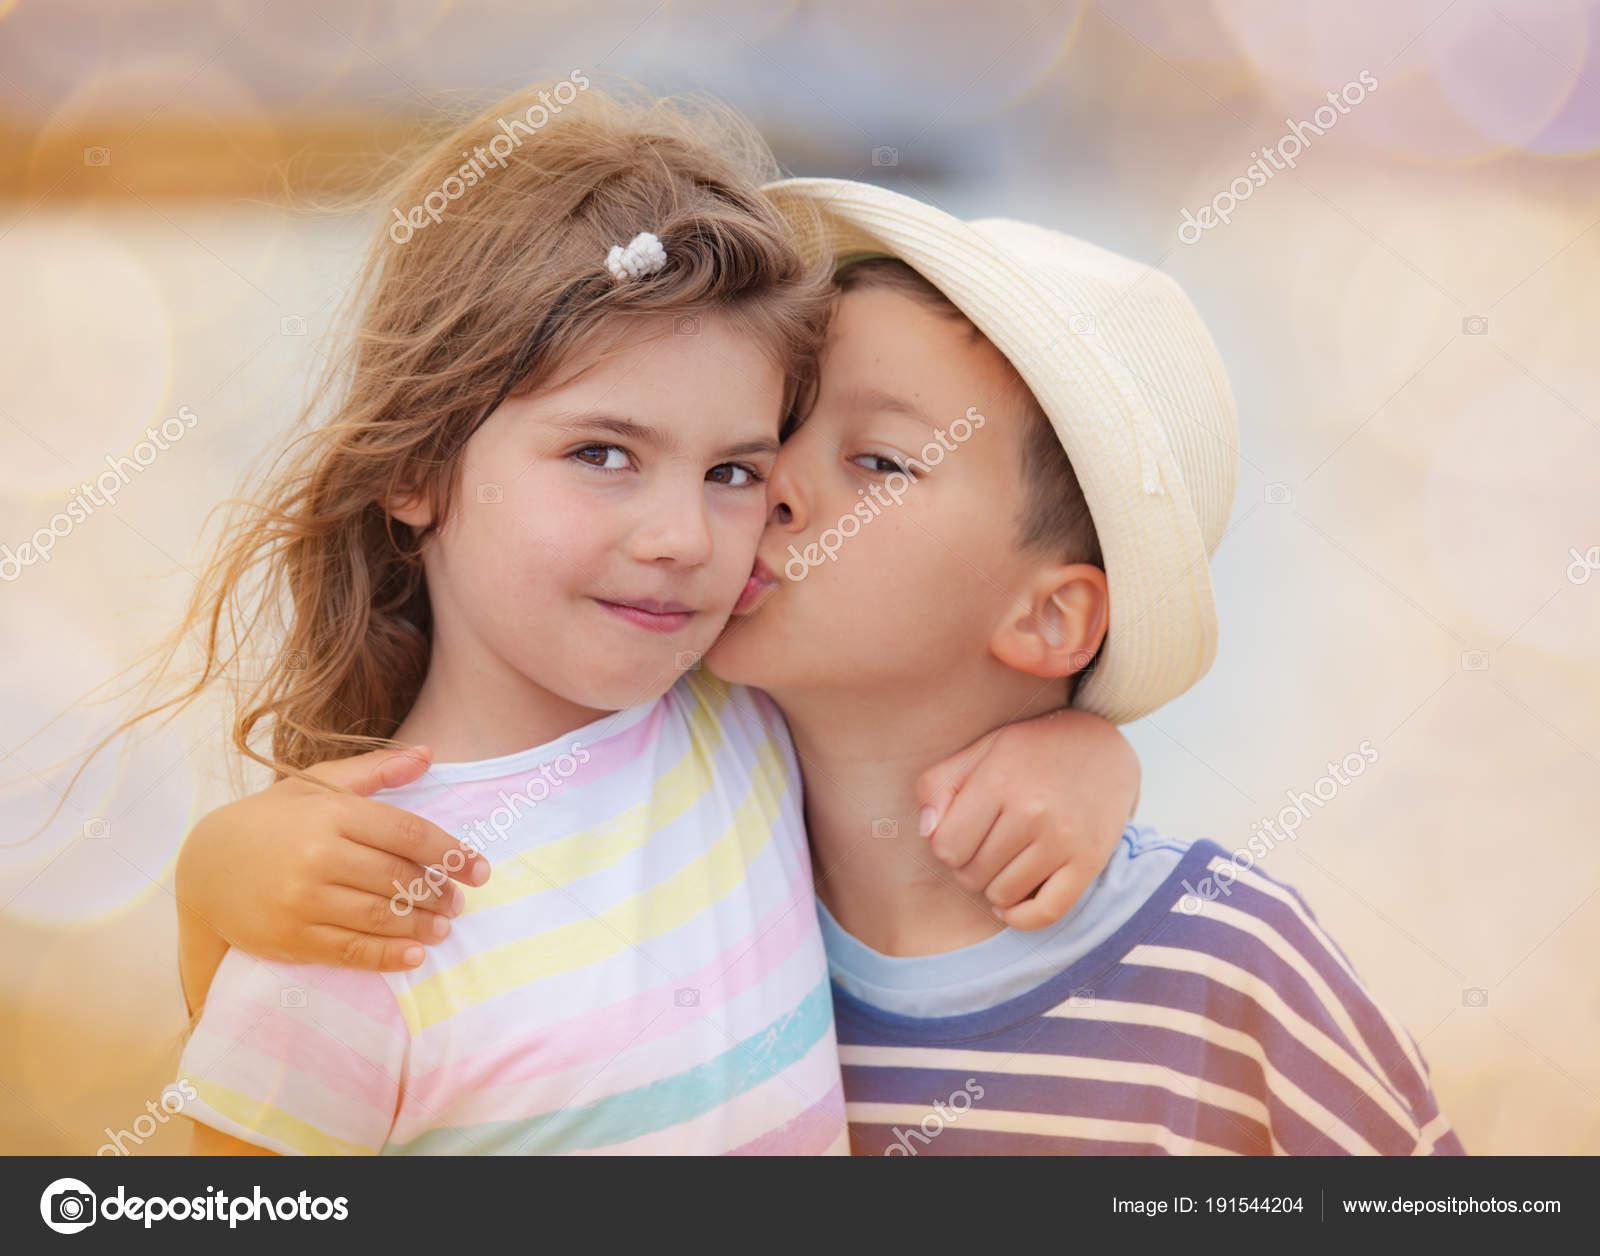 Kussen Voor Kinderen : Kussen jongen meisje kinderen broer zus u2014 stockfoto © vilevi #191544204